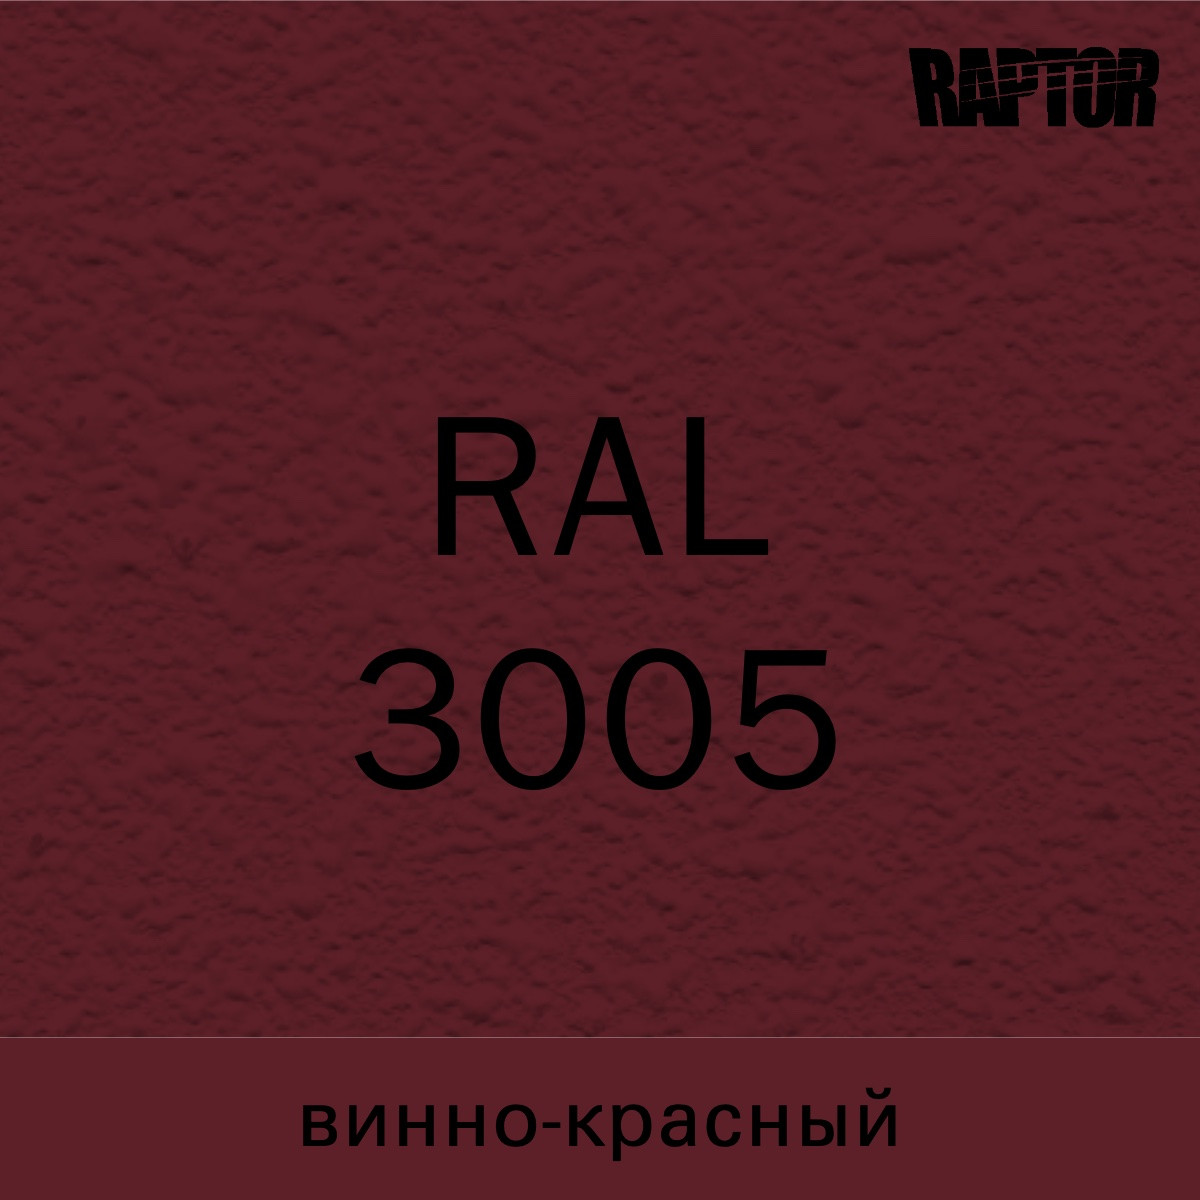 Пигмент для колеровки покрытия RAPTOR™ Винно-красный (RAL 3005)